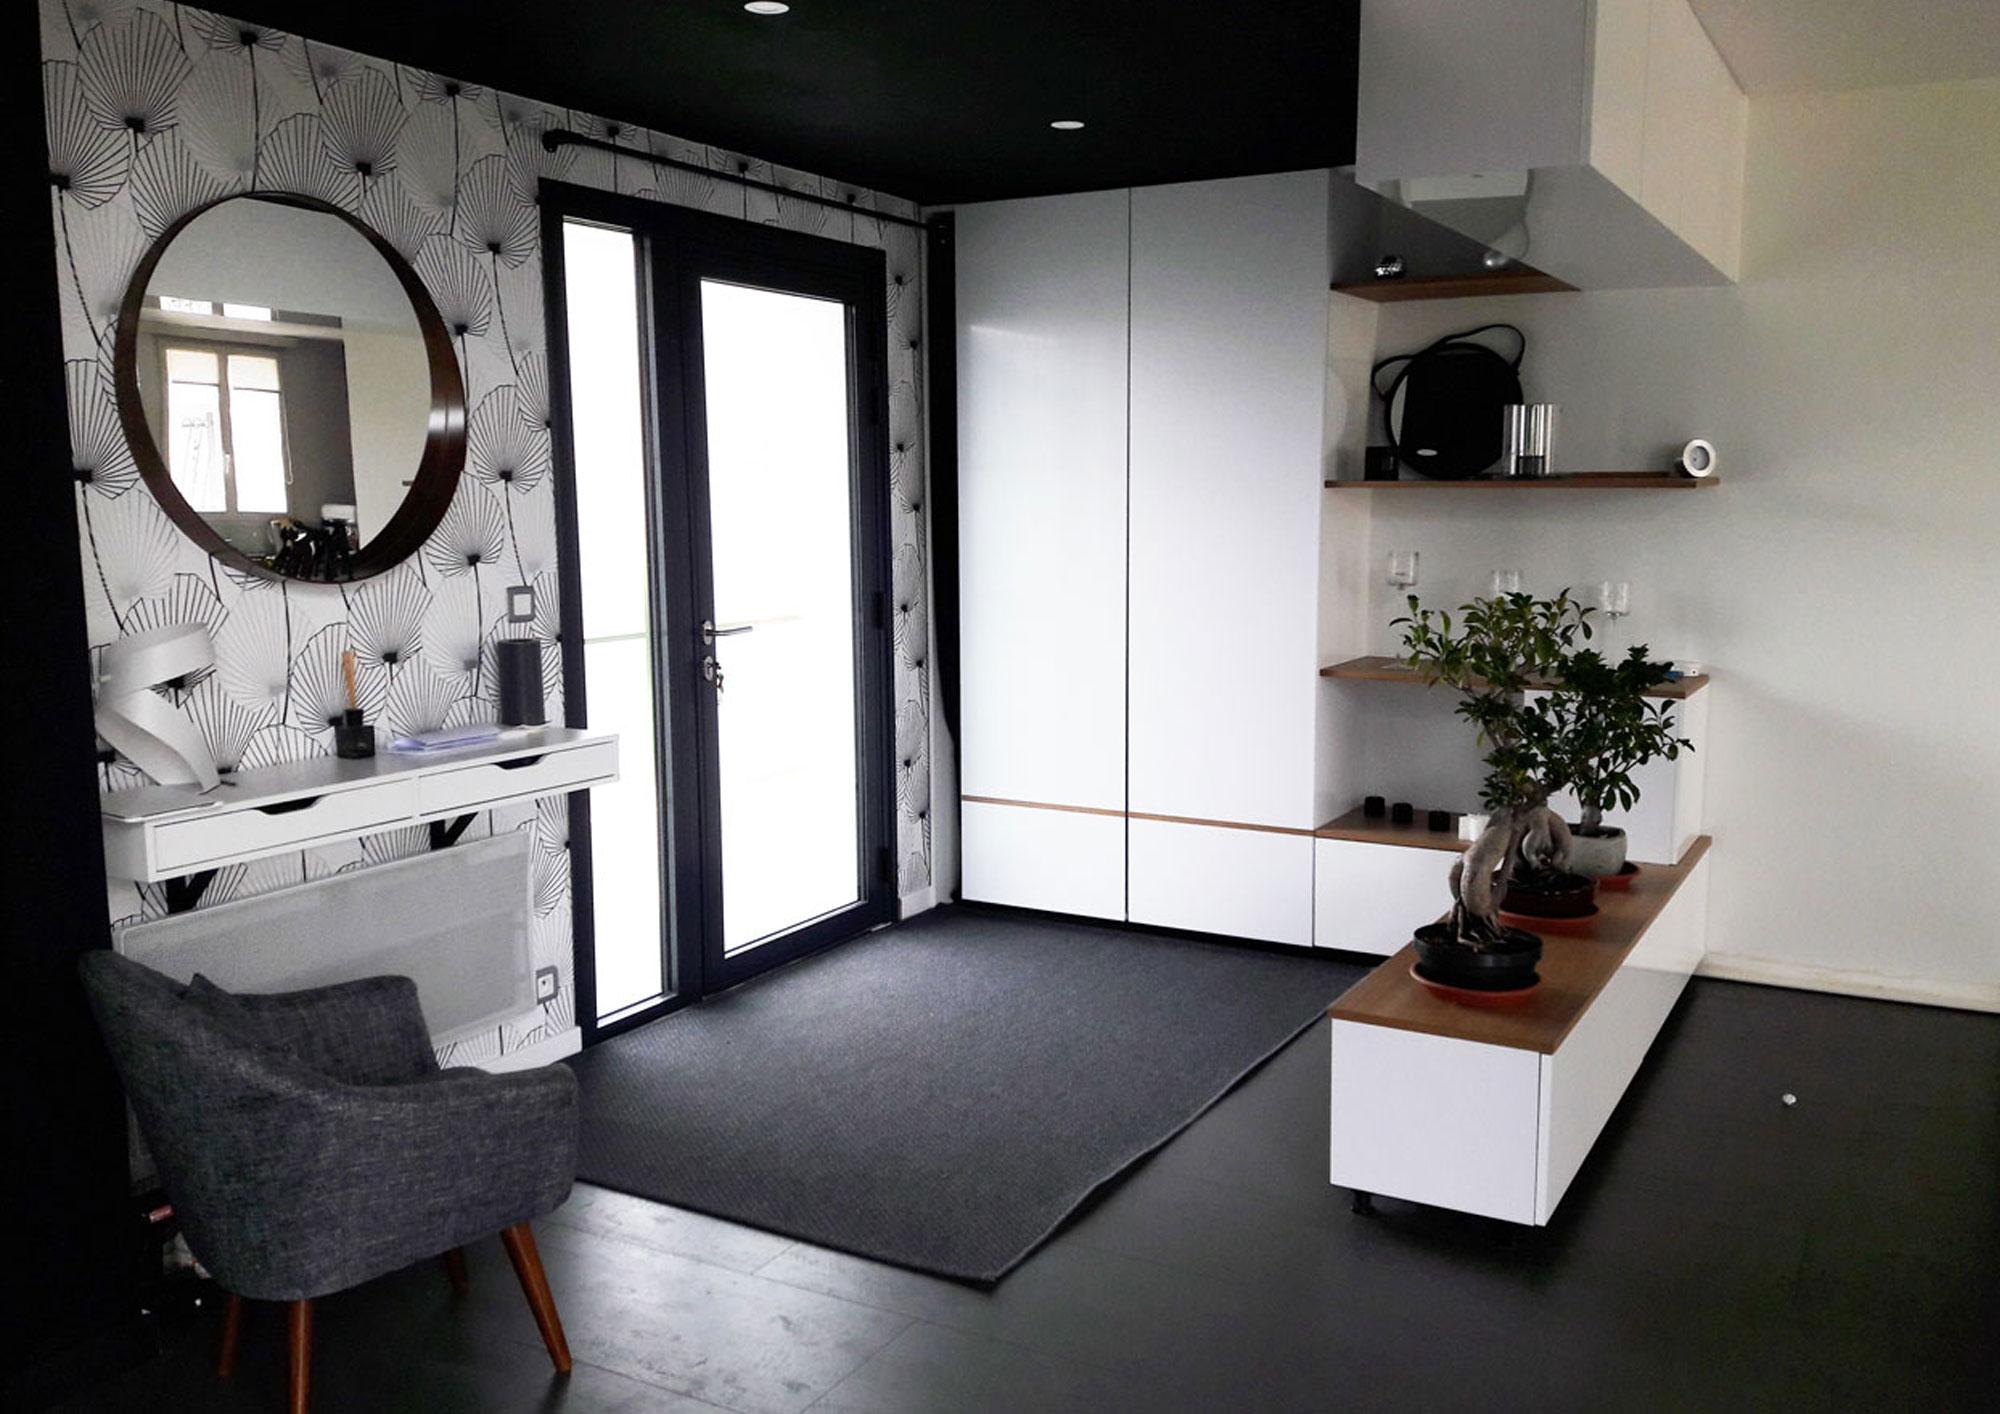 pack-deco-creation-mobilier-sur-mesure-agencement-entree-maison-nantes-loire-atlantique